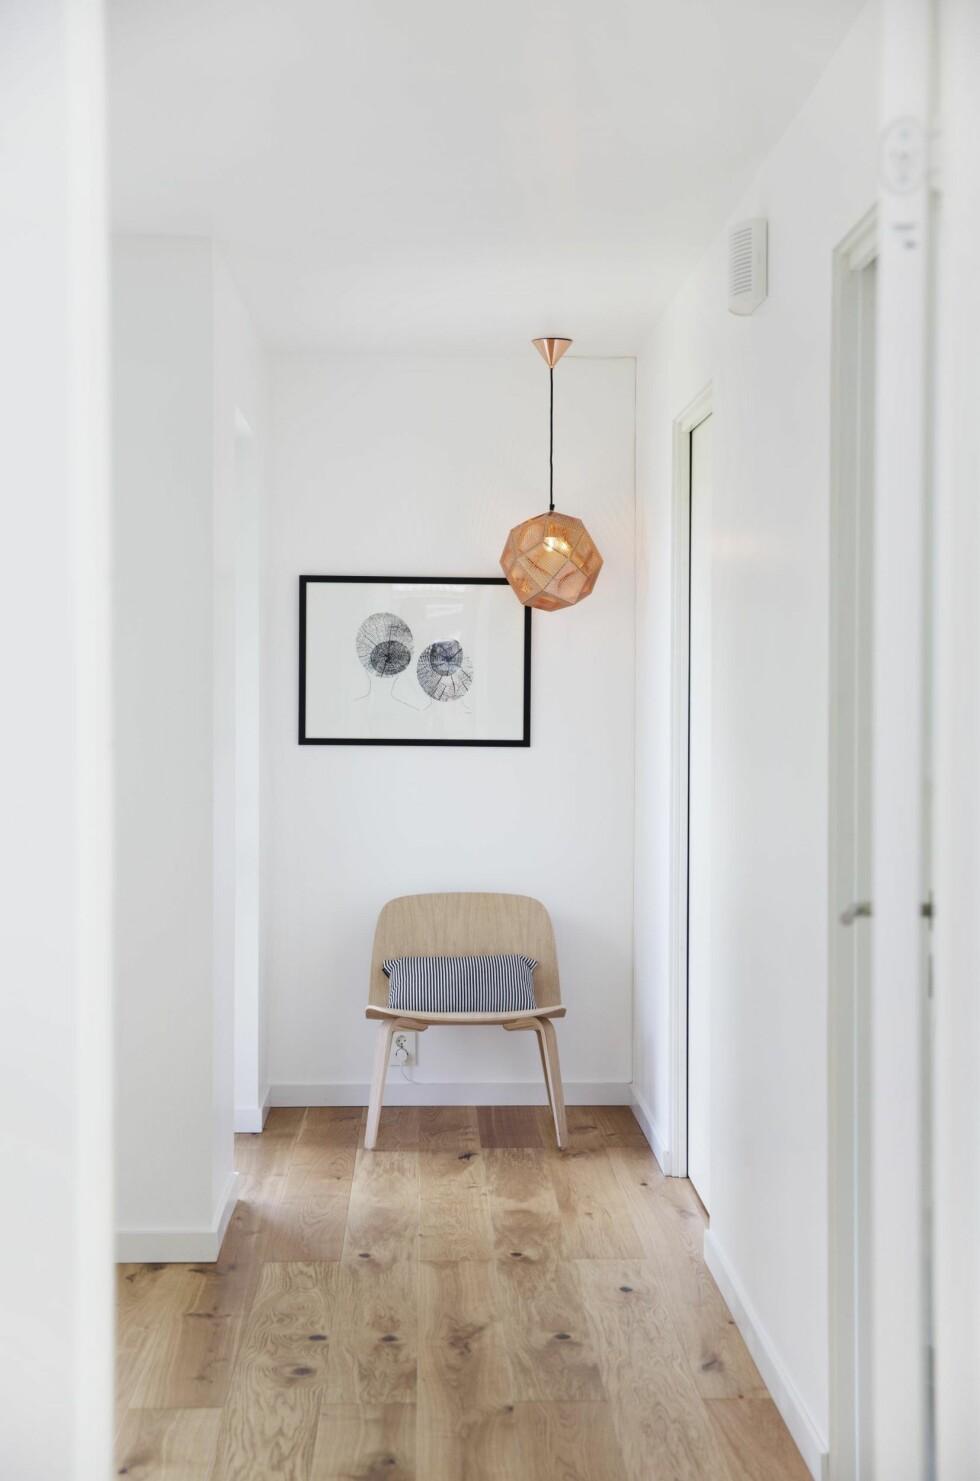 <strong>KUNSTPAUSE:</strong> På hovedsoverommet er det utgang til balkong til venstre, og inn til walk-in-closet til høyre. Stolen er «Visu Lounge Chair» fra Muuto, og puten er kjøpt på Rått og Sanselig. Taklampen er Tom Dixons «Etch», den grafiske kunsten heter «Sisaret» av L. E. Tanttu, kjøpt hos Nr. 9 i Sandefjord.  Foto: Yvonne Wilhelmsen